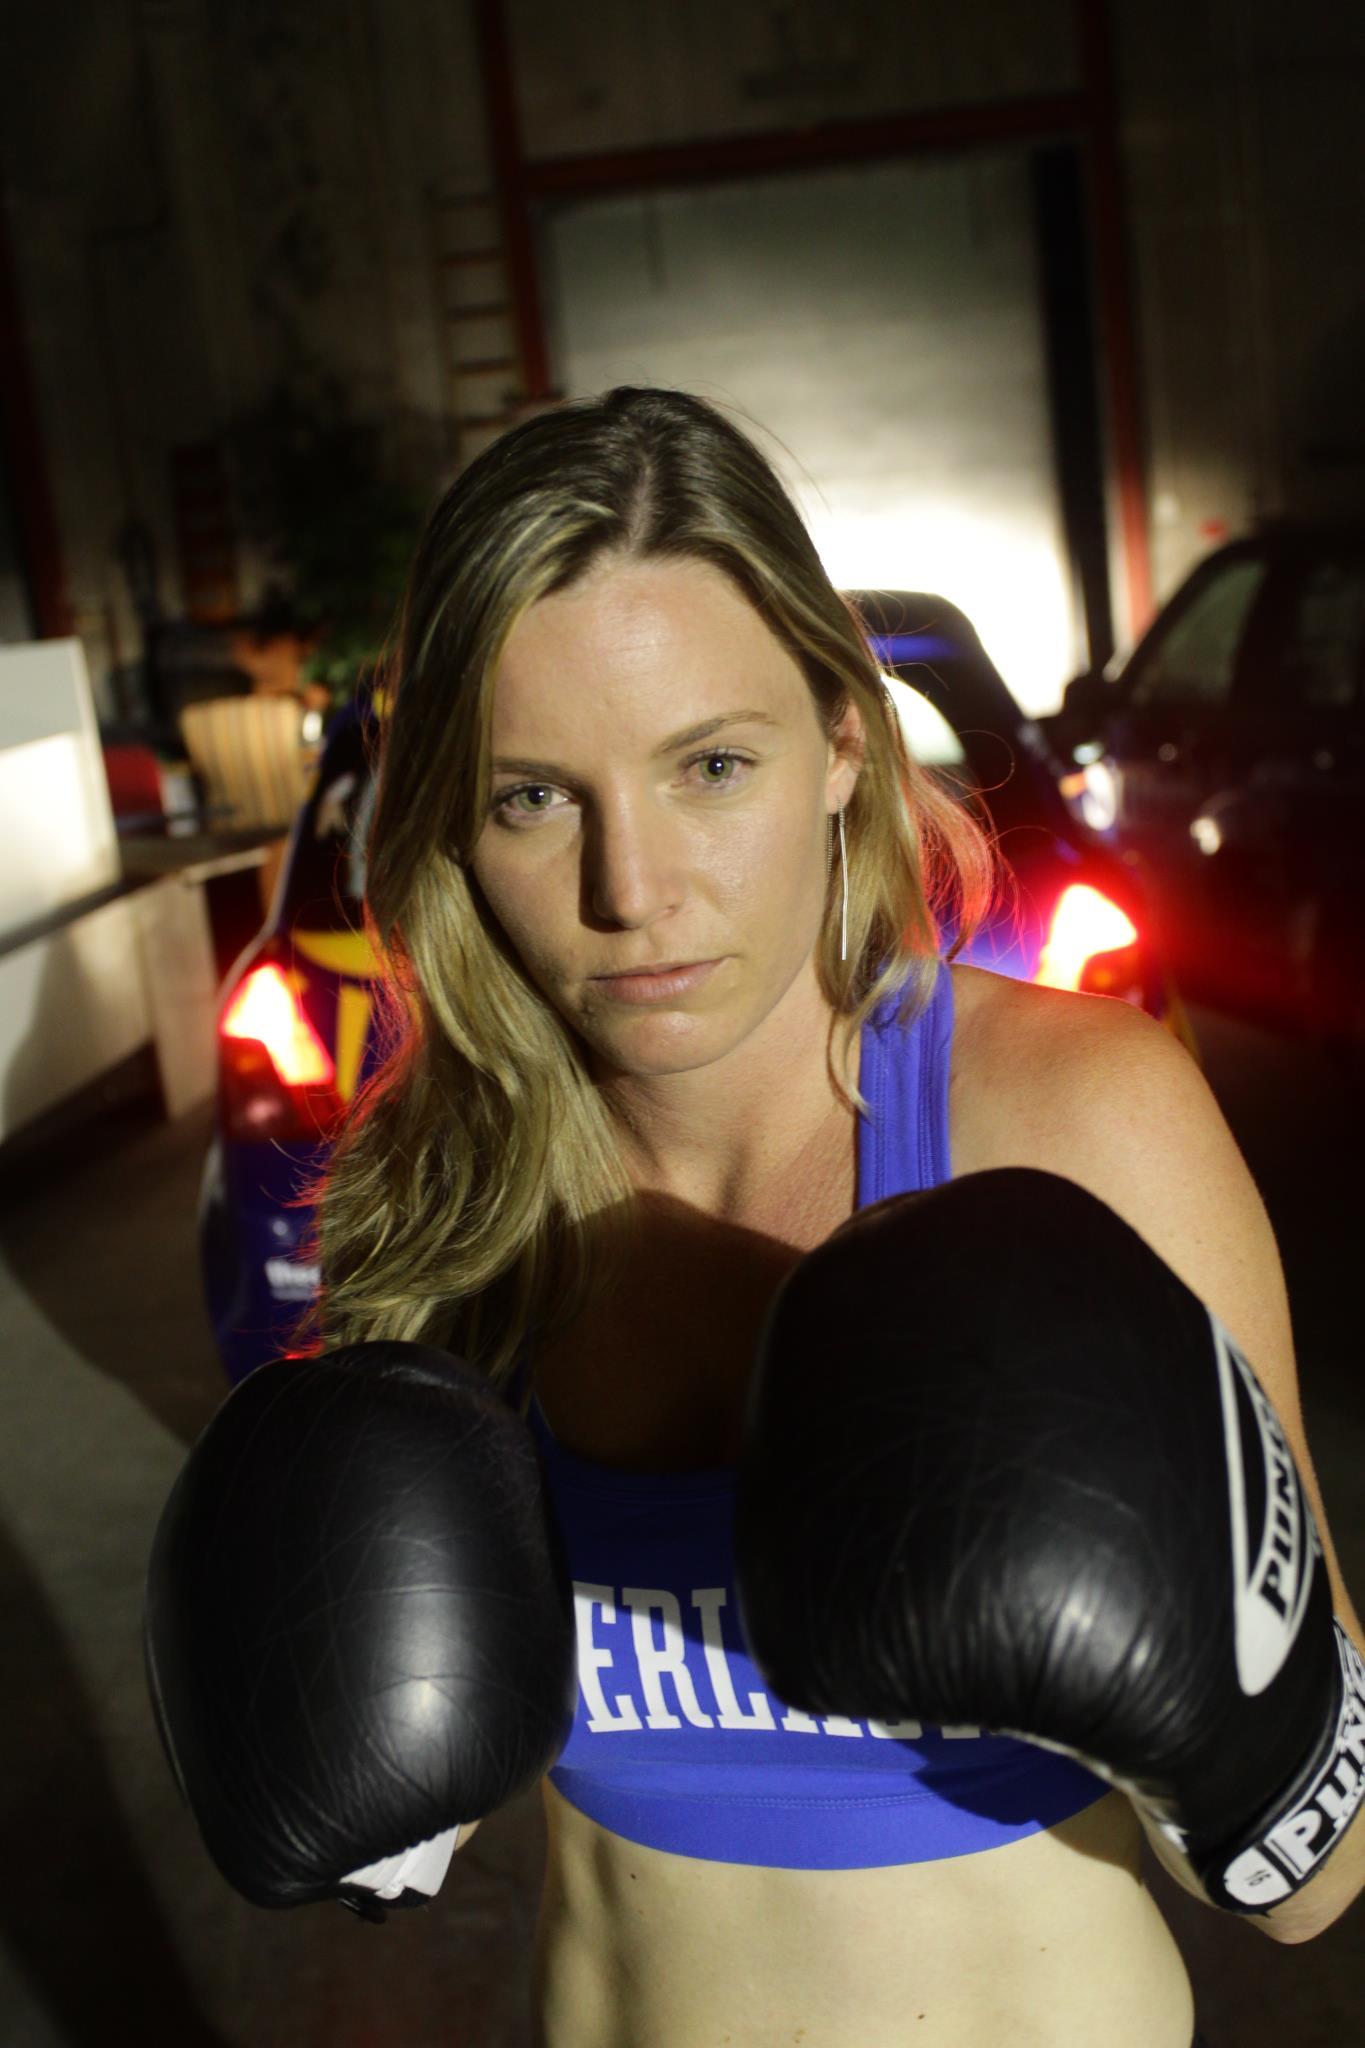 Me - I love to box